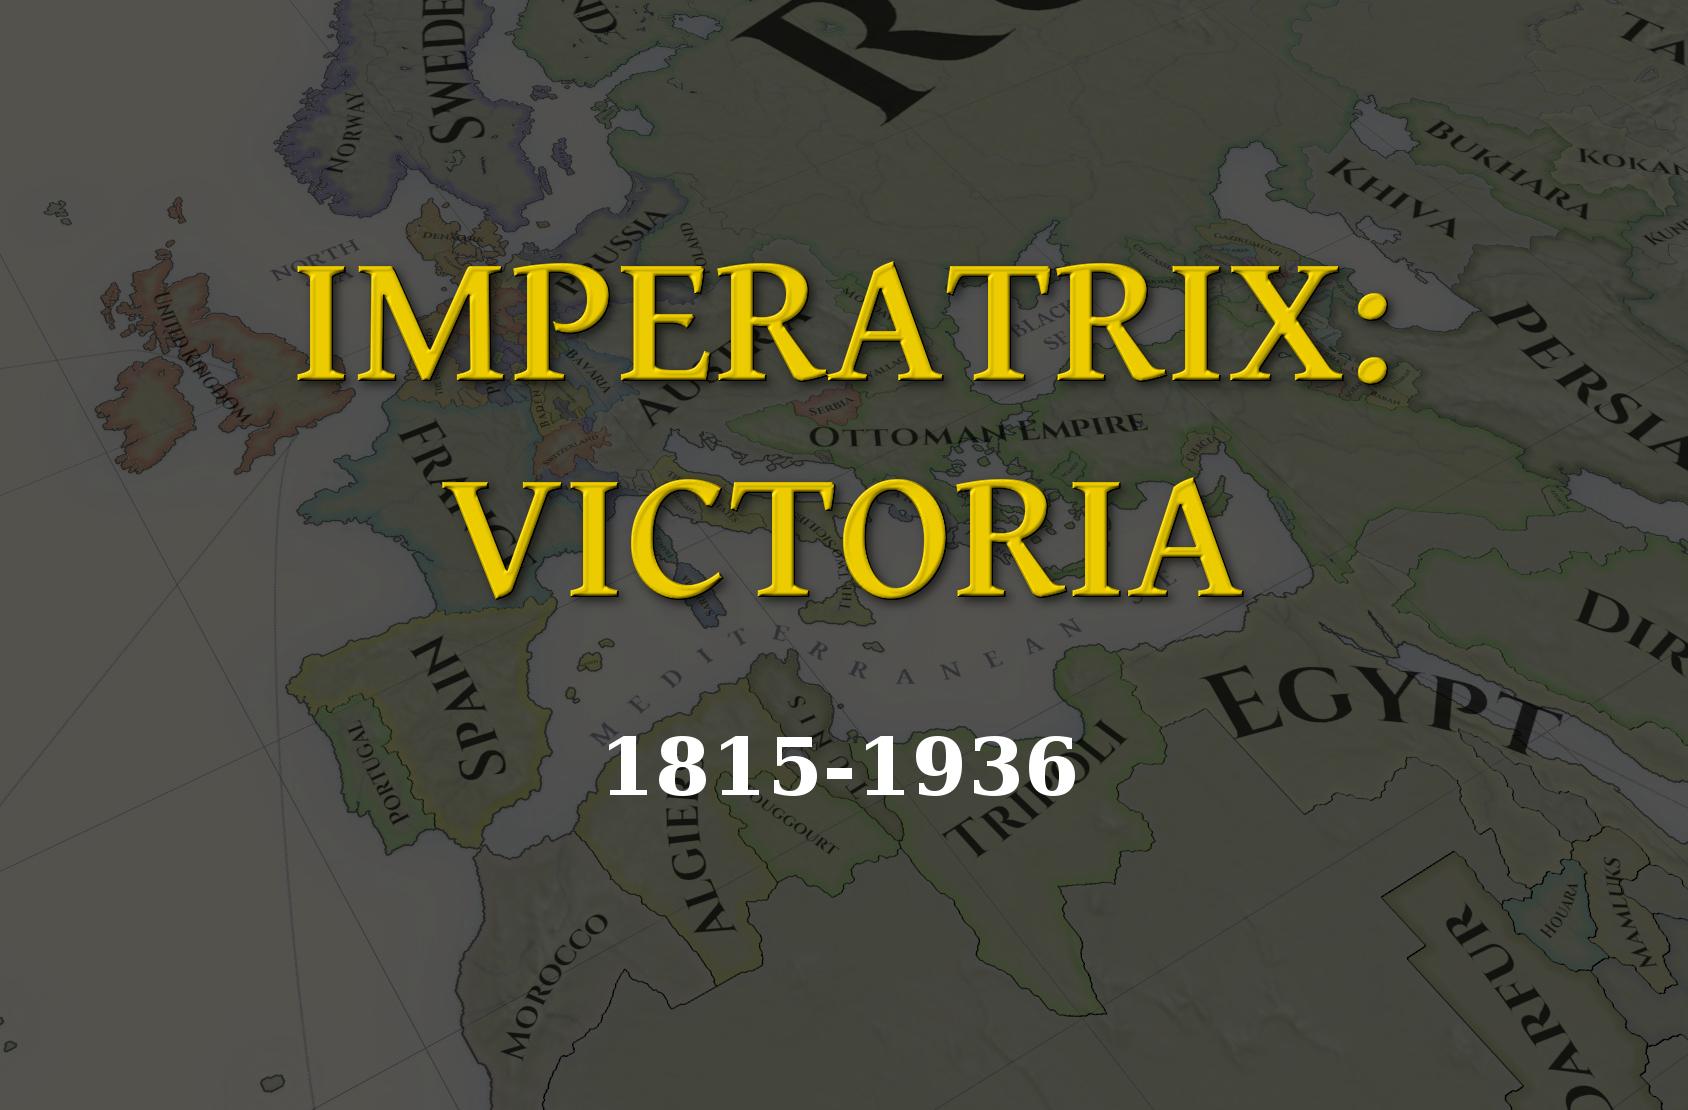 imperatrix_victoria_head_image.png